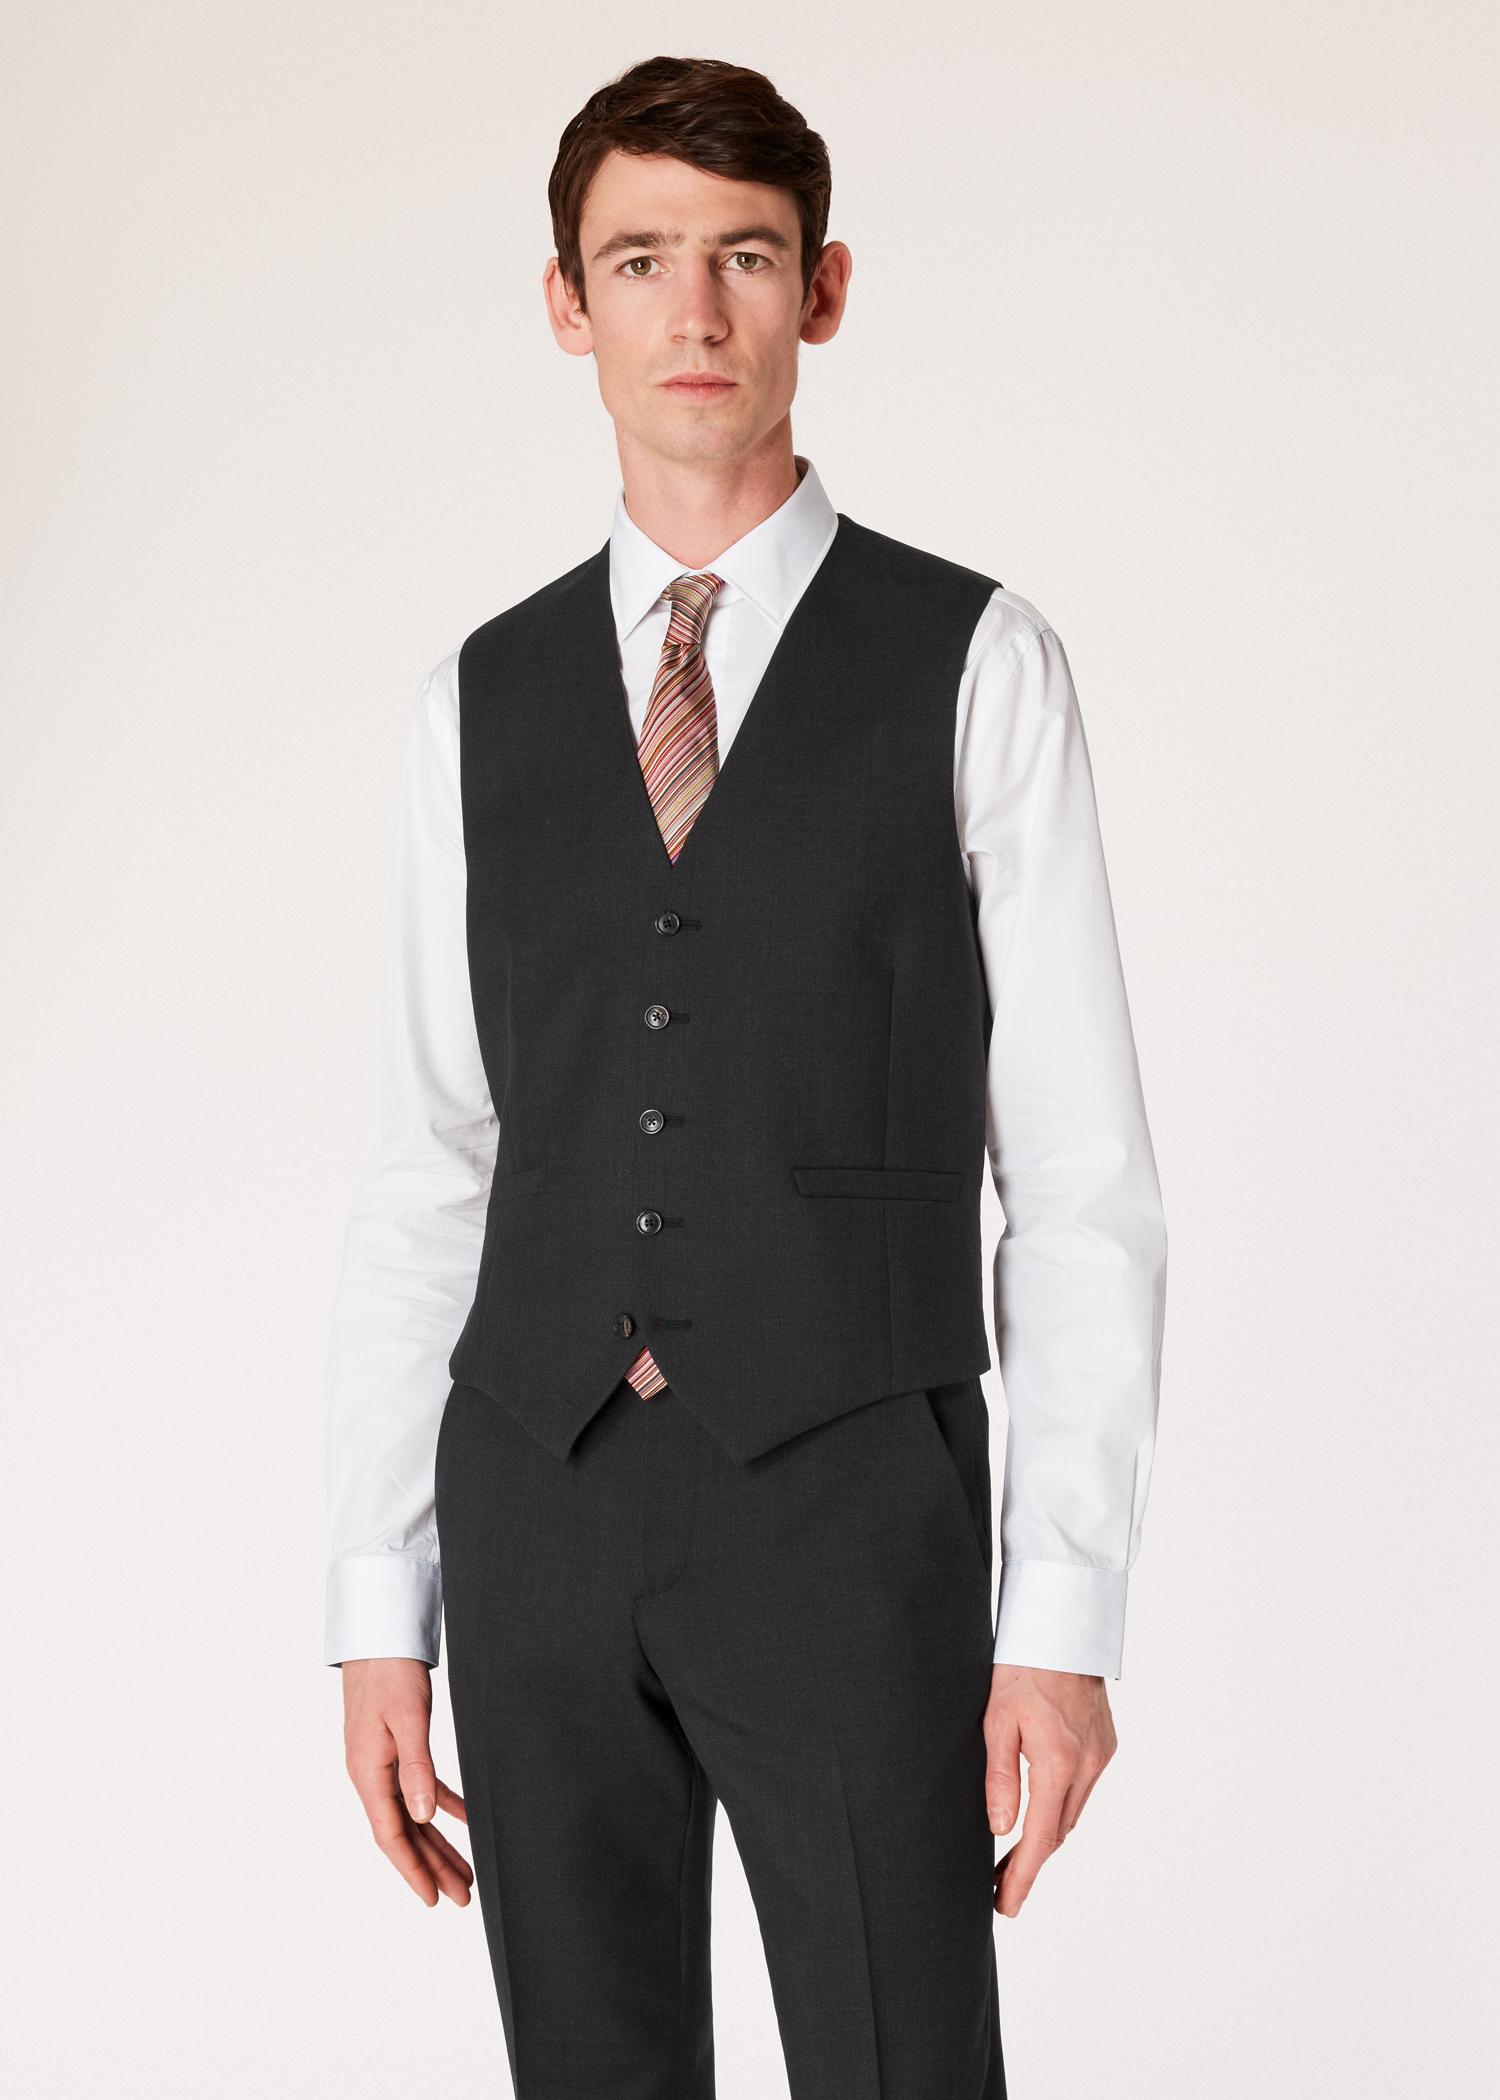 Vue mannequin face zoom- Gilet De Costume Paul Smith Homme  A Suit To Travel 8c10ce1fa58